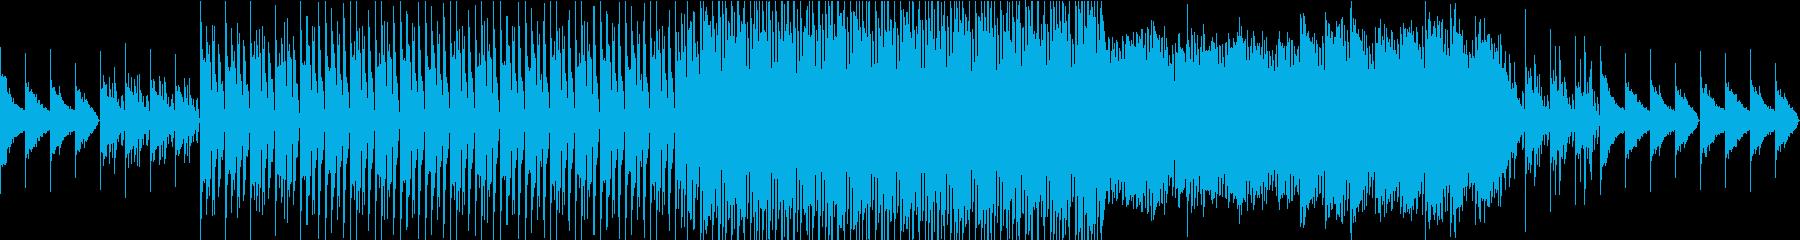 循環コードの爽やか4つ打ちEDMの再生済みの波形